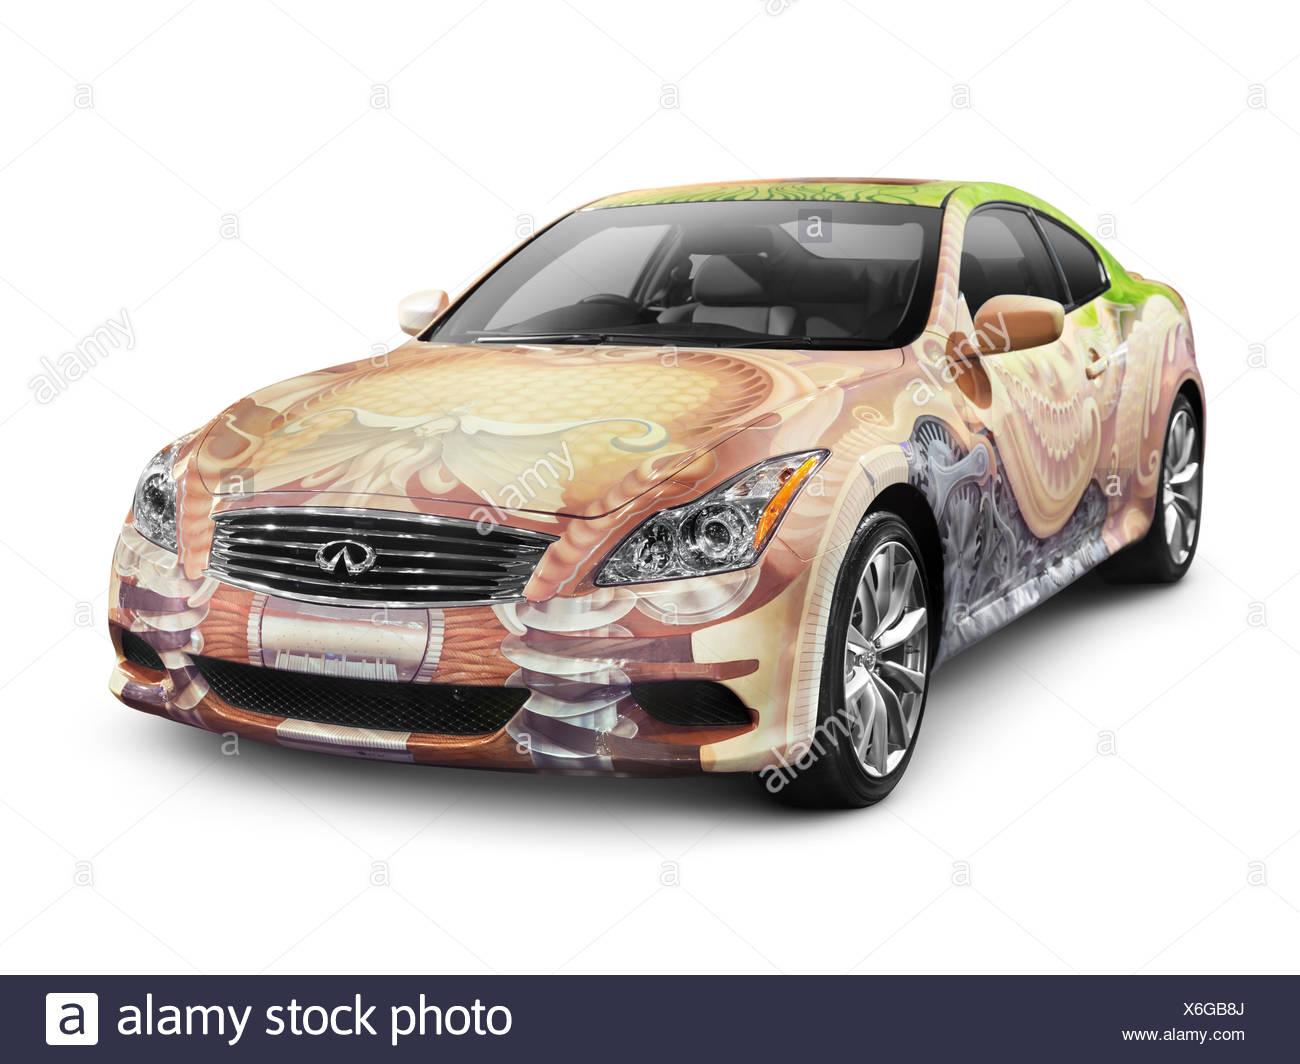 2010 Infiniti G37 Coupé voiture avec corps peint à la main, Anniversaire Art Project Photo Stock